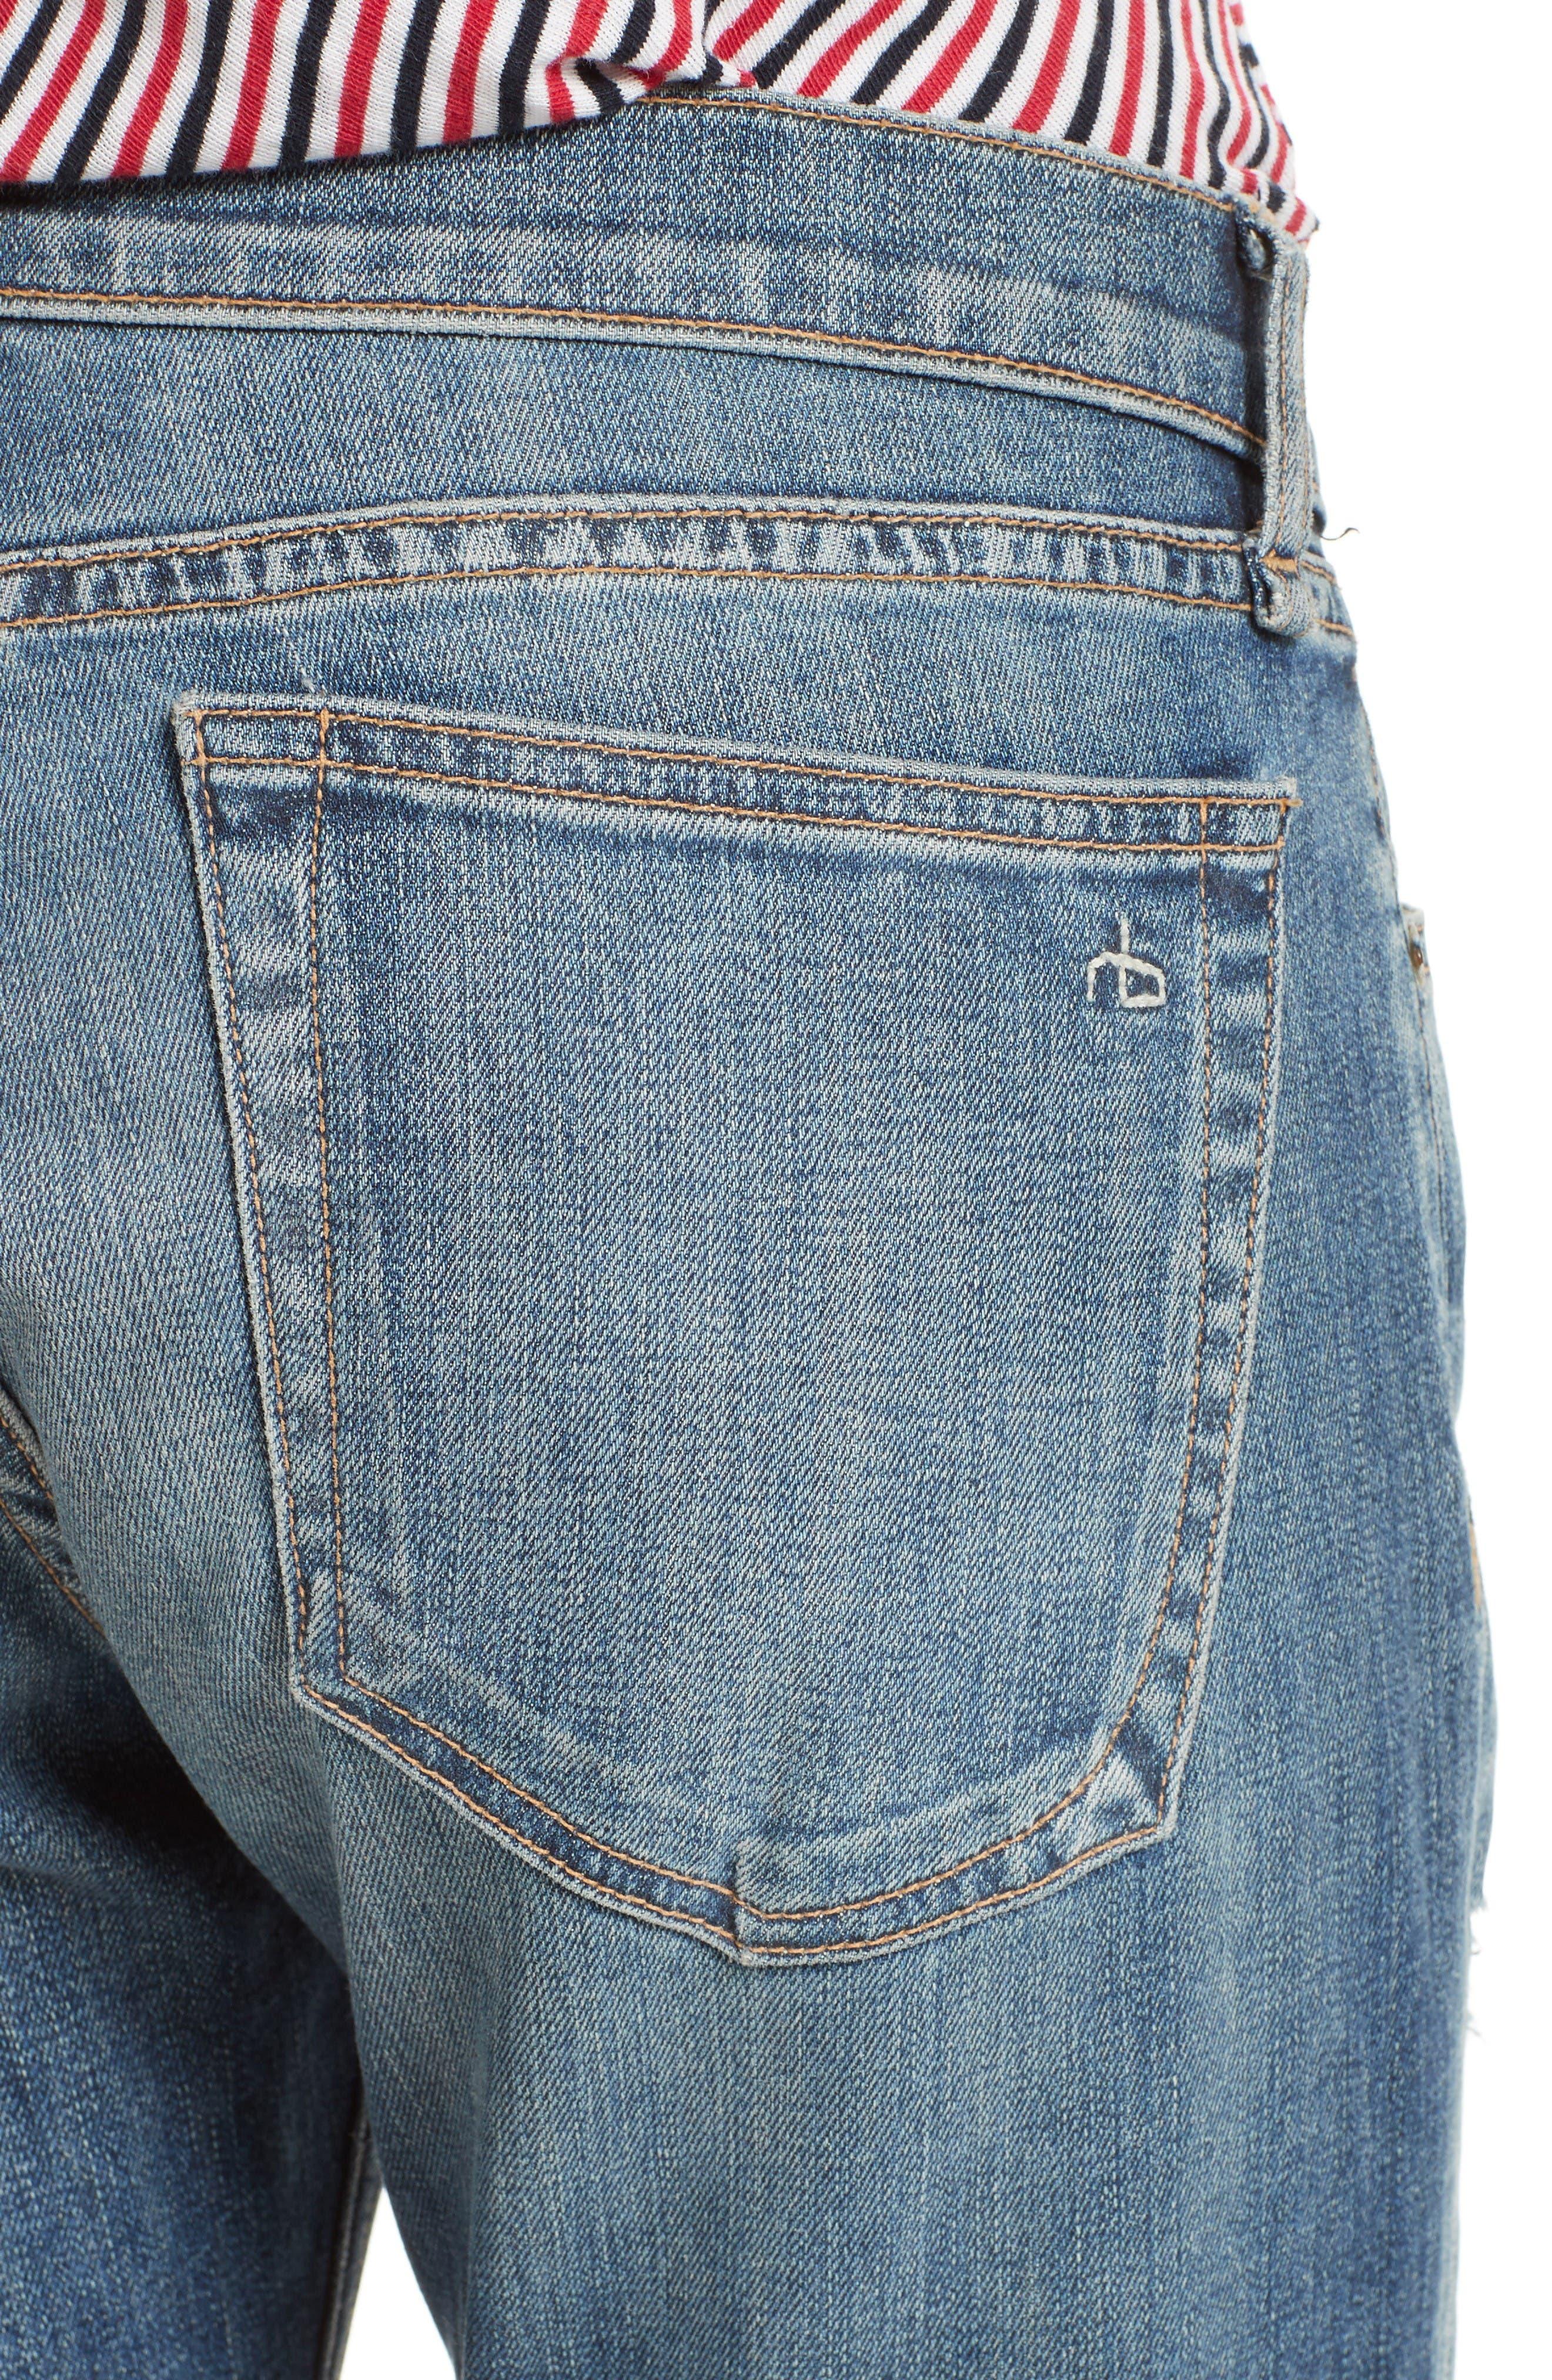 Alternate Image 4  - rag & bone/JEAN The Dre Capri Slim Boyfriend Jeans (Delamo)